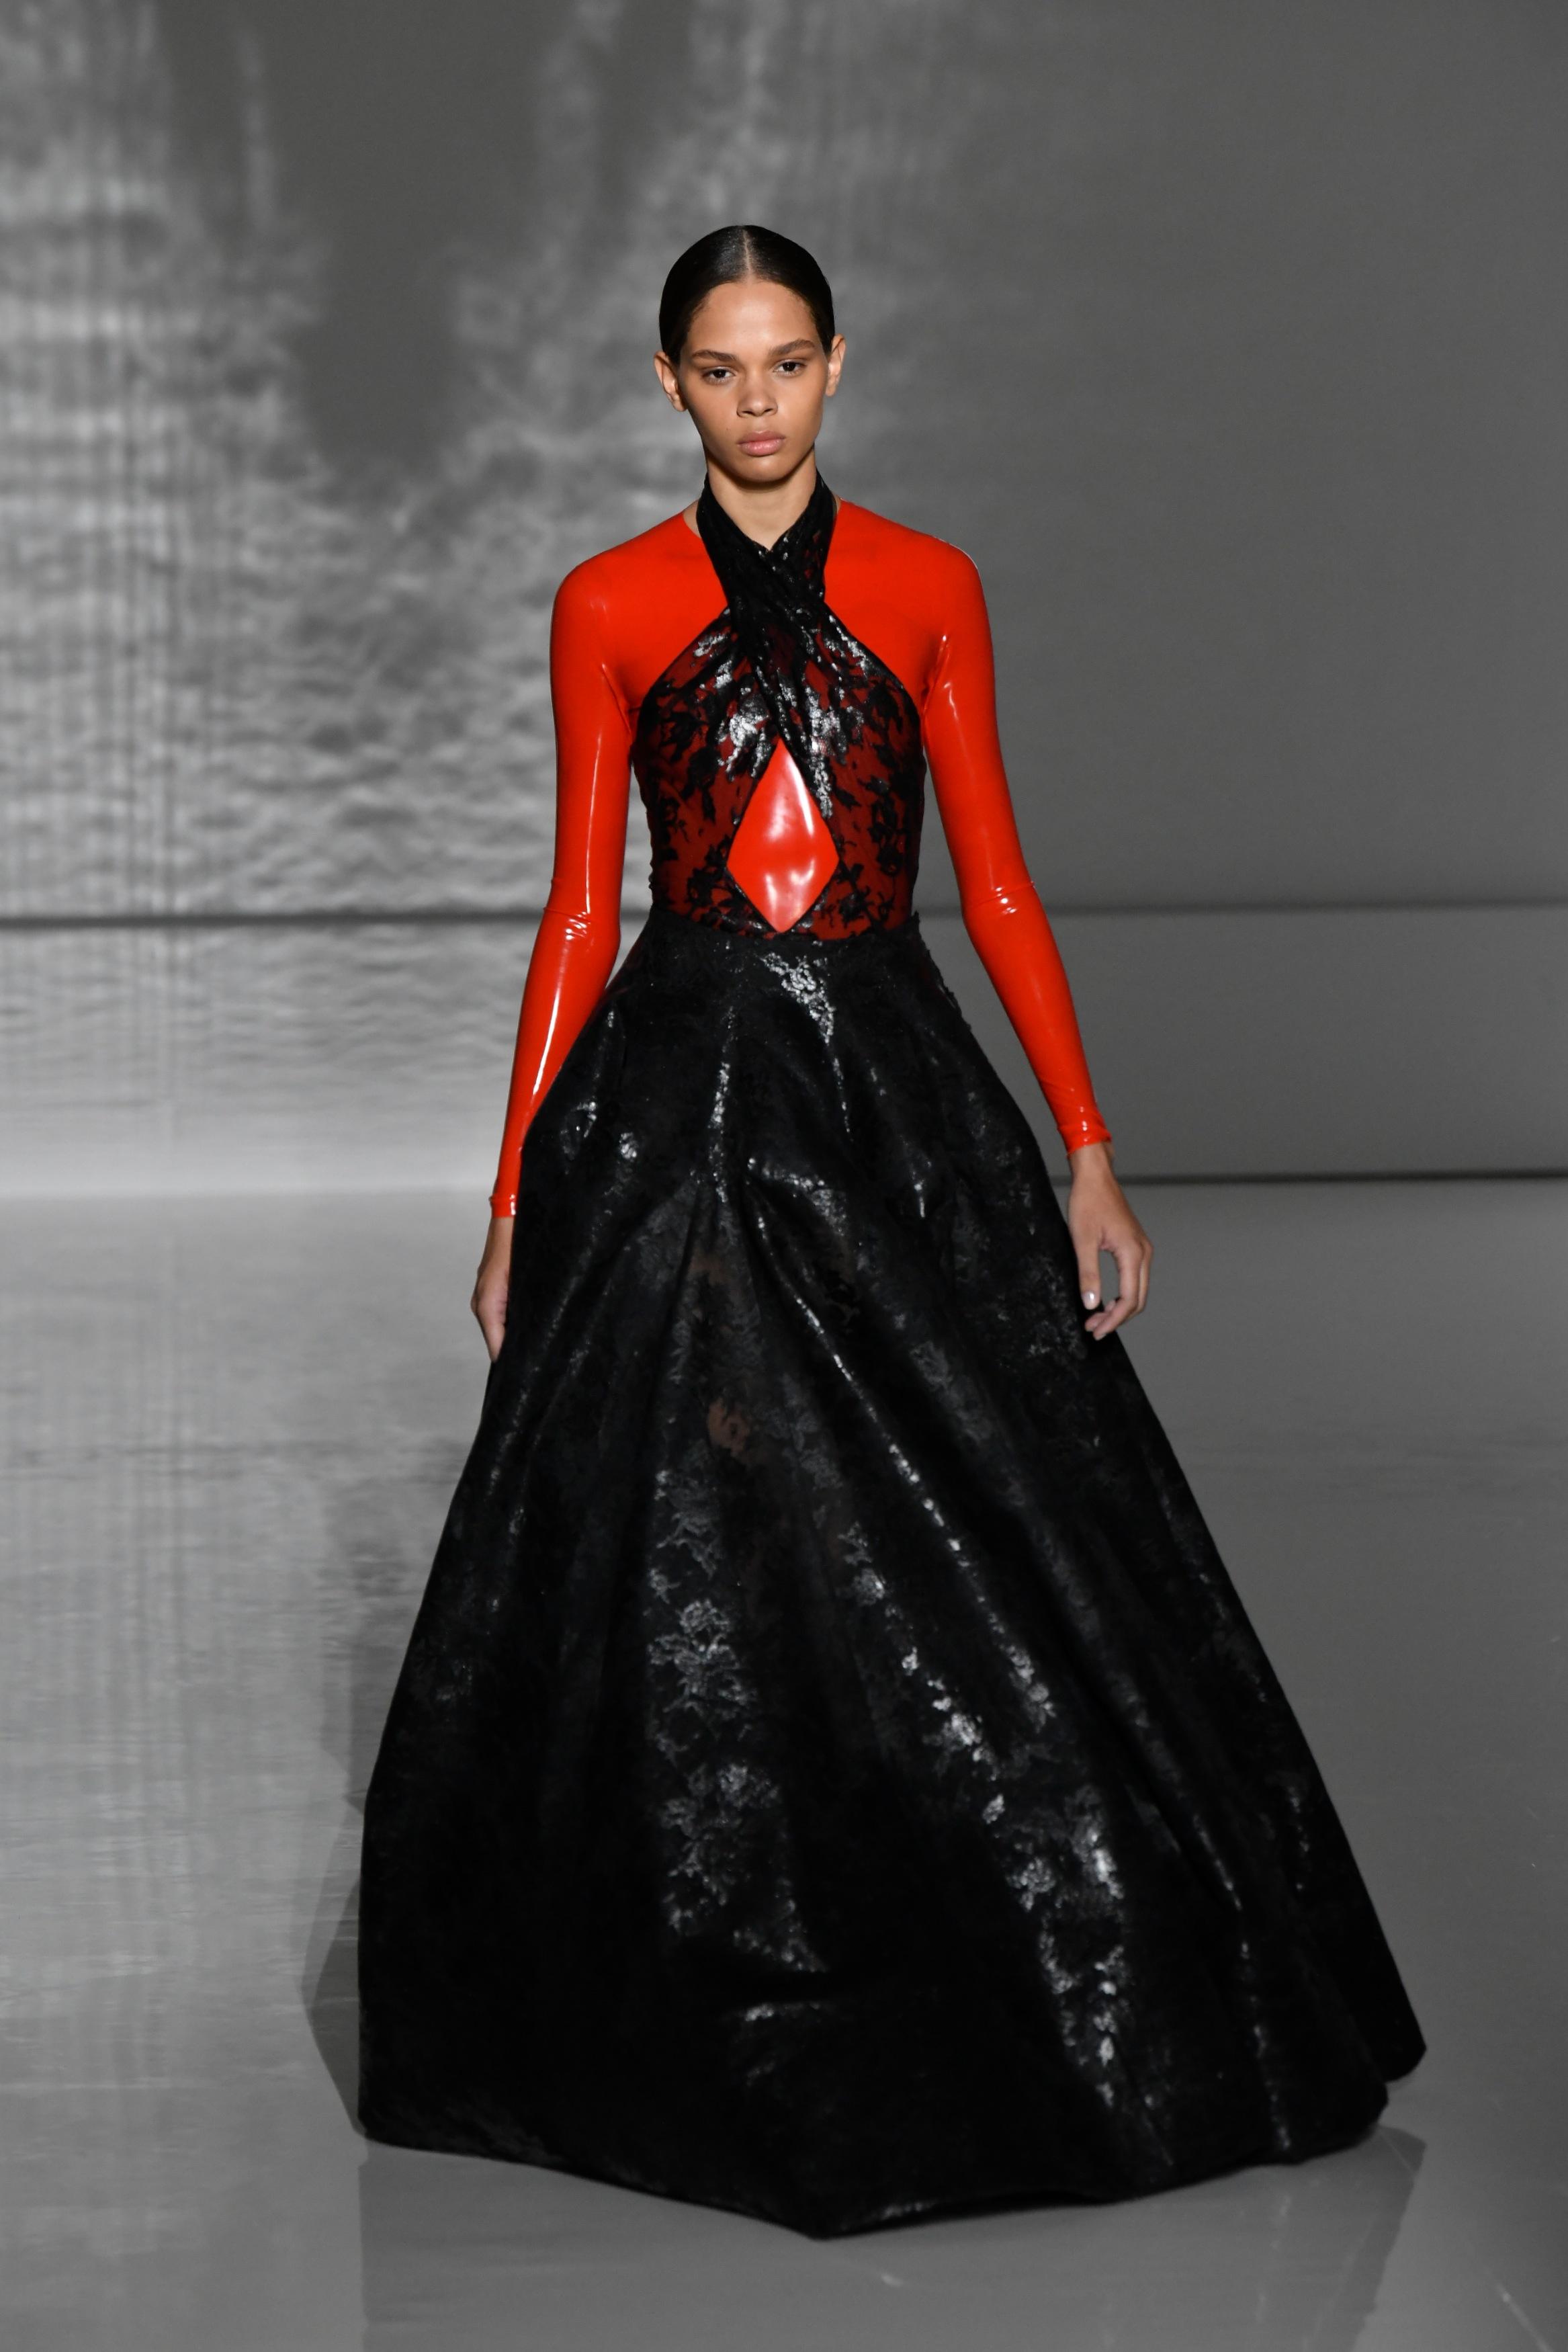 巴黎高级定制时装周——纪梵希展示新品时装